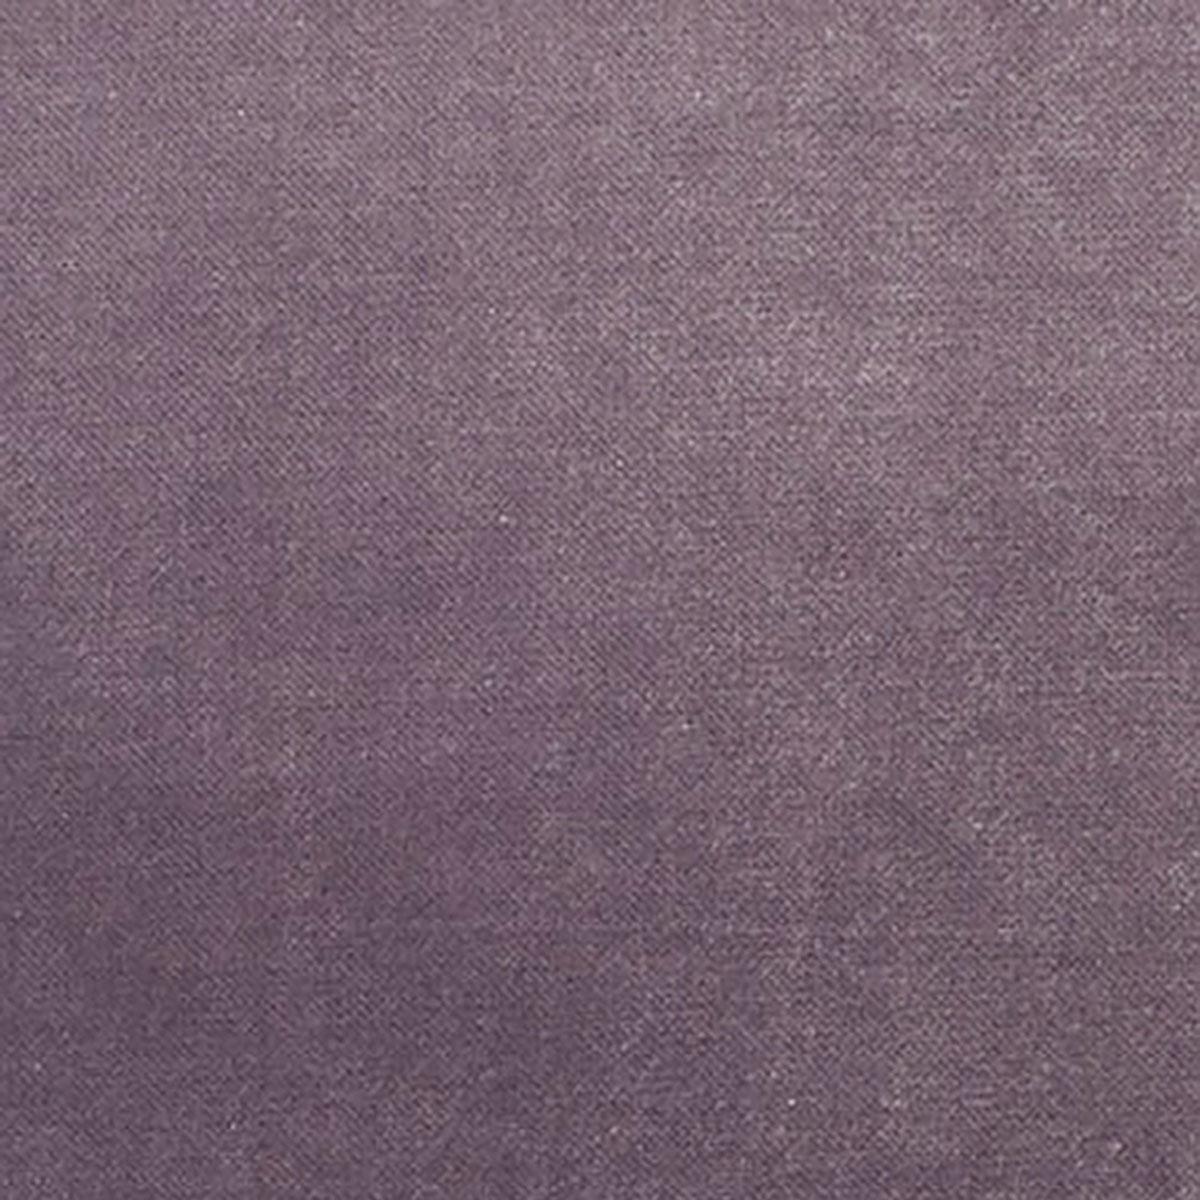 Fabric 10 - Plain velvet Lavender